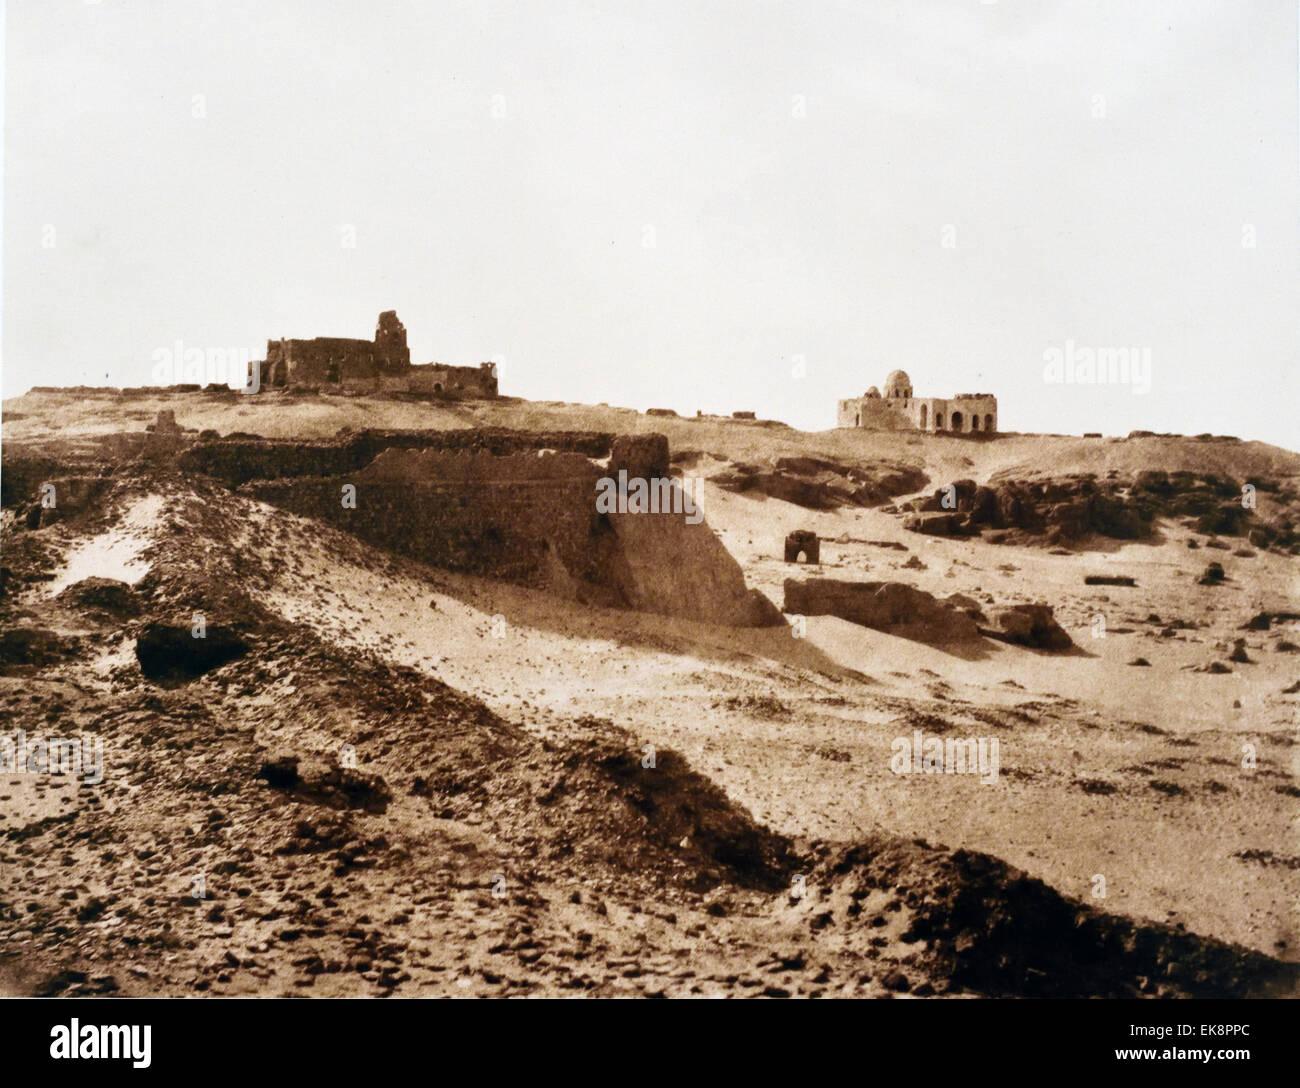 Ruinas del antiguo recinto árabe, impresión de papel salado 1851-1852 Asuán Egipto Felx Teynard francés Imagen De Stock